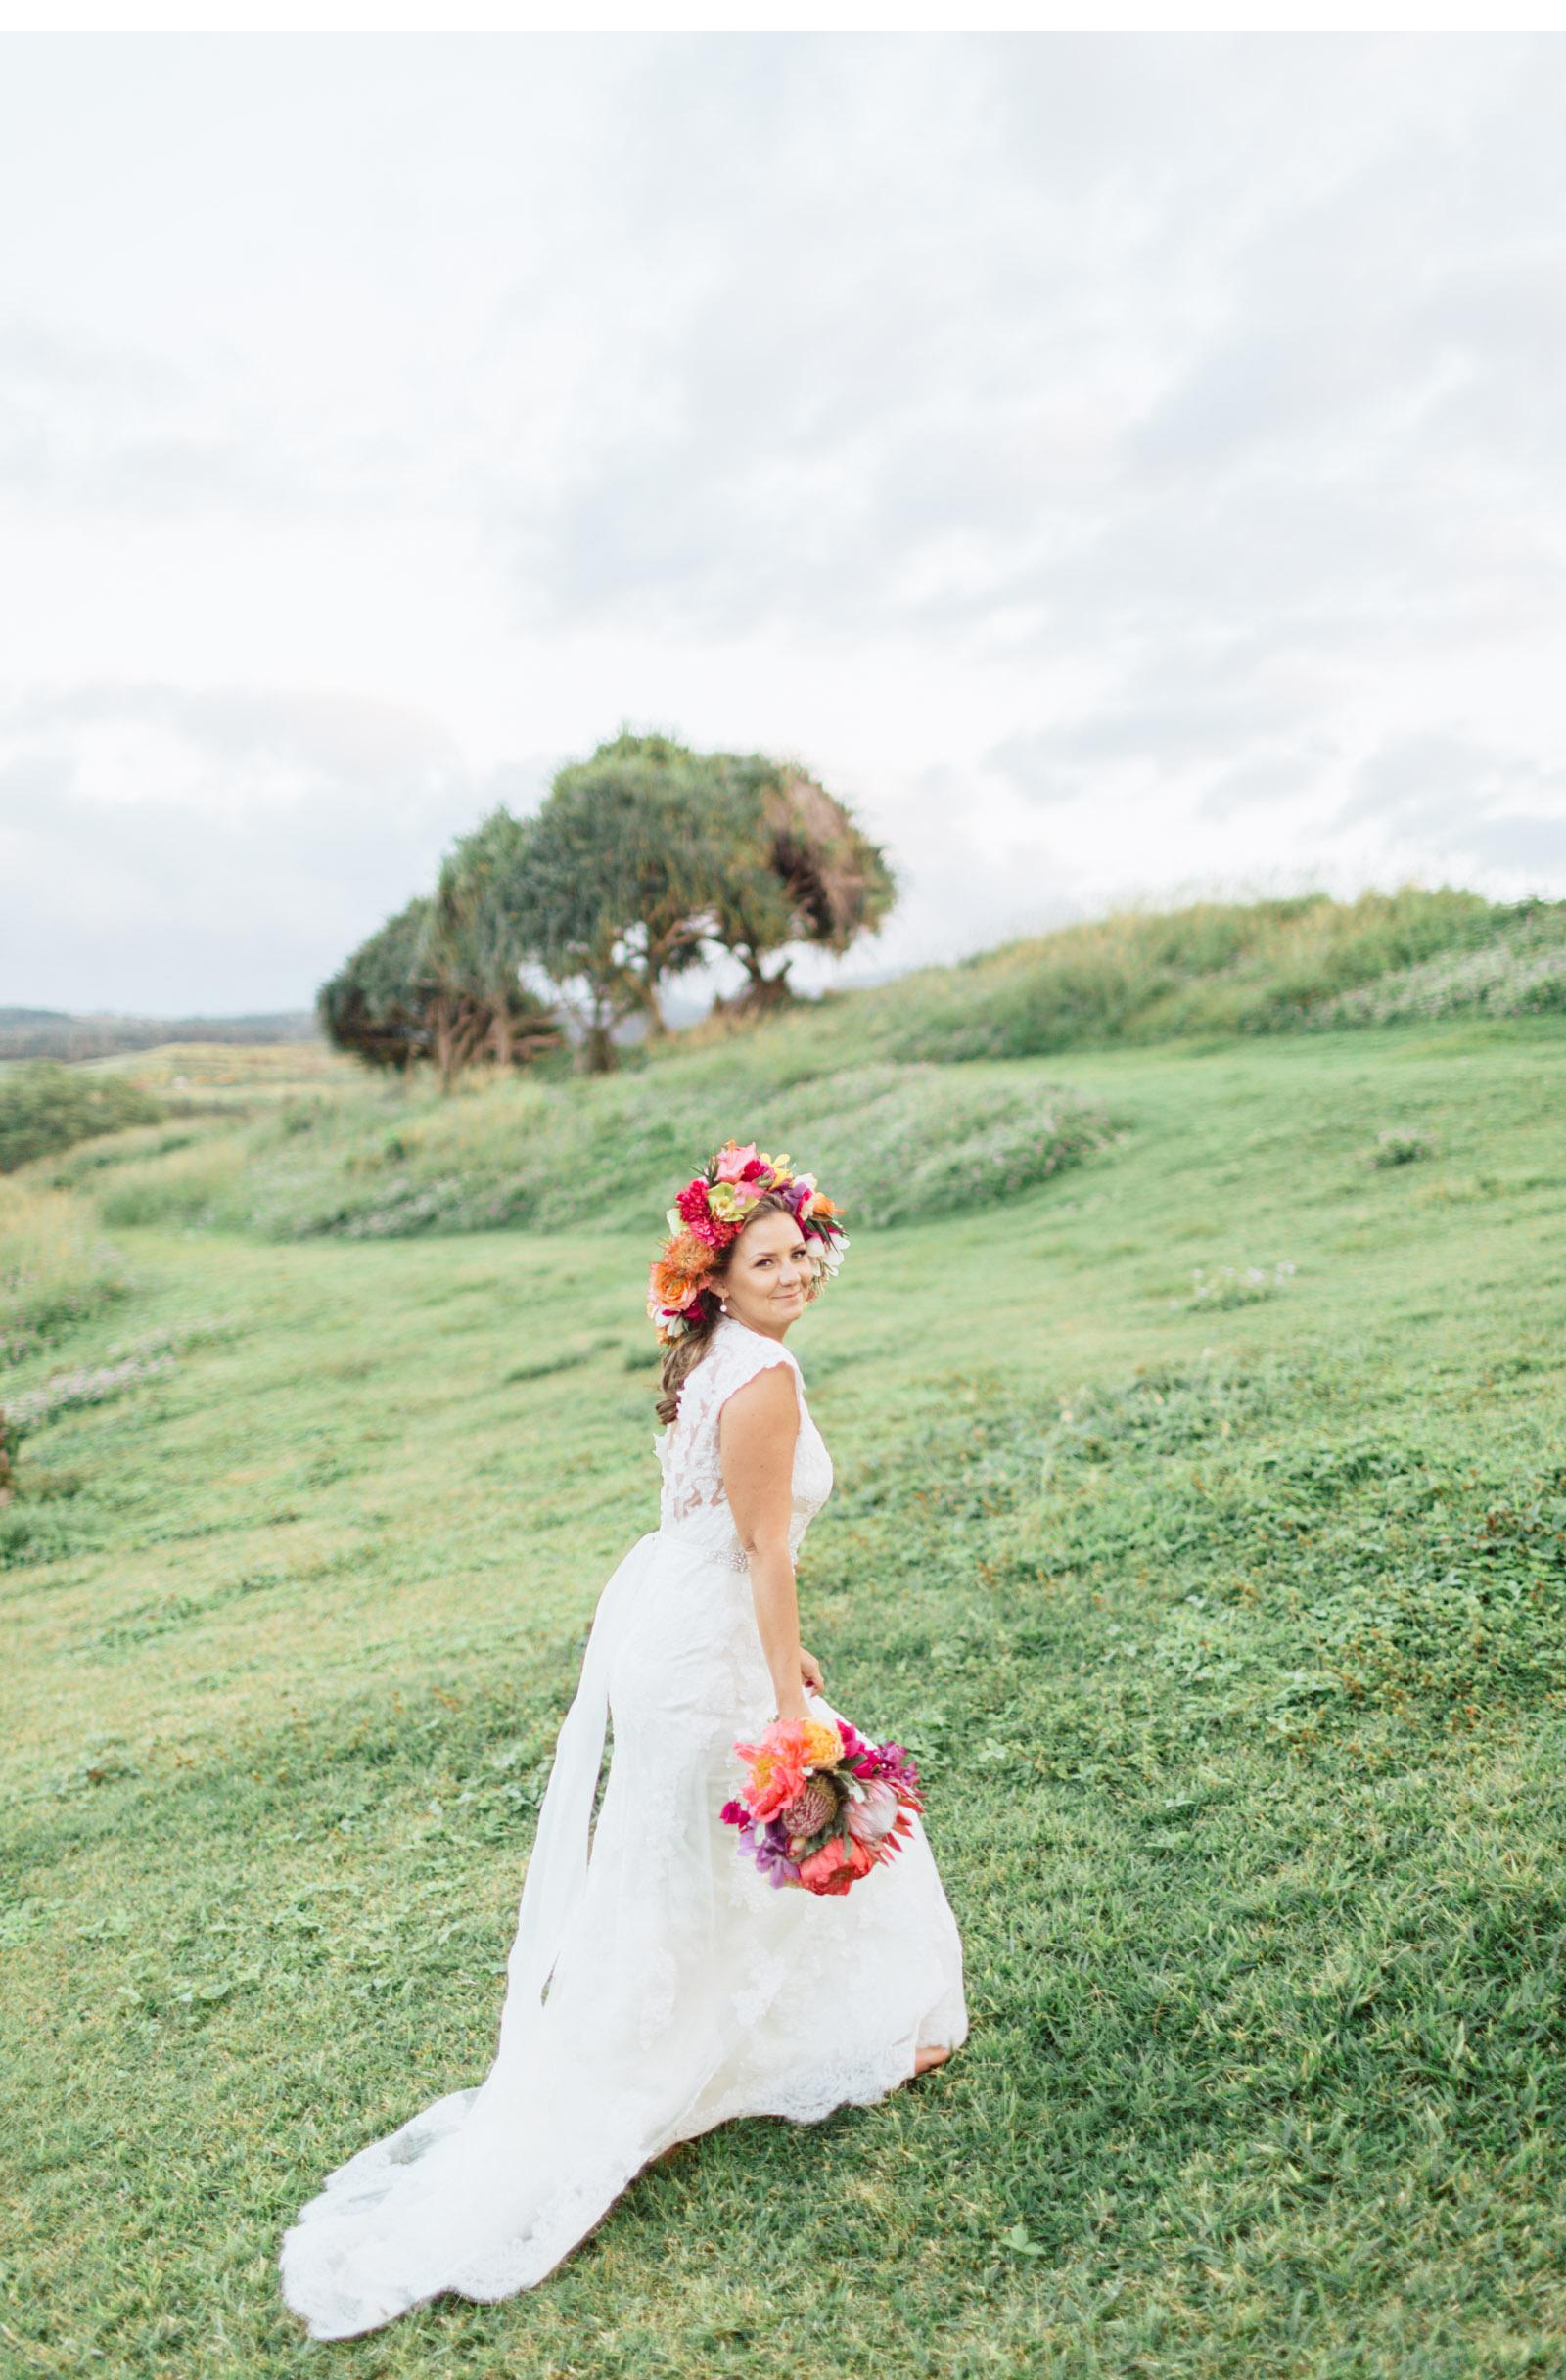 Natalie-Schutt-Photography--Hawaii-Wedding_04.jpg